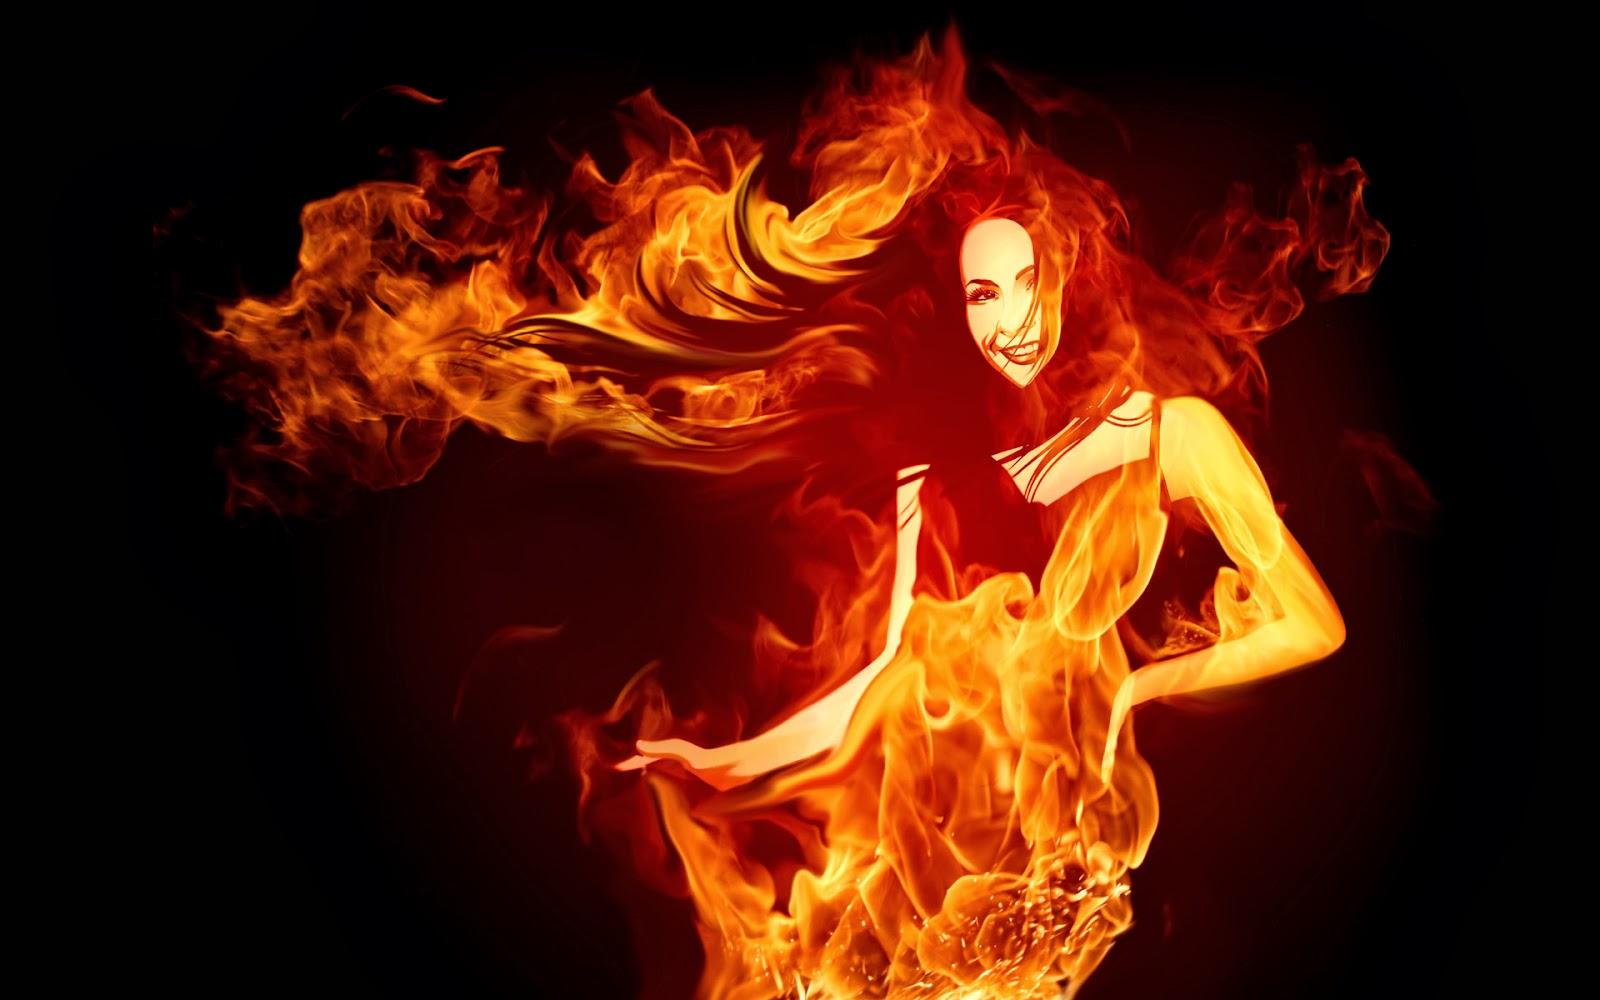 Fire lady Wallpaper